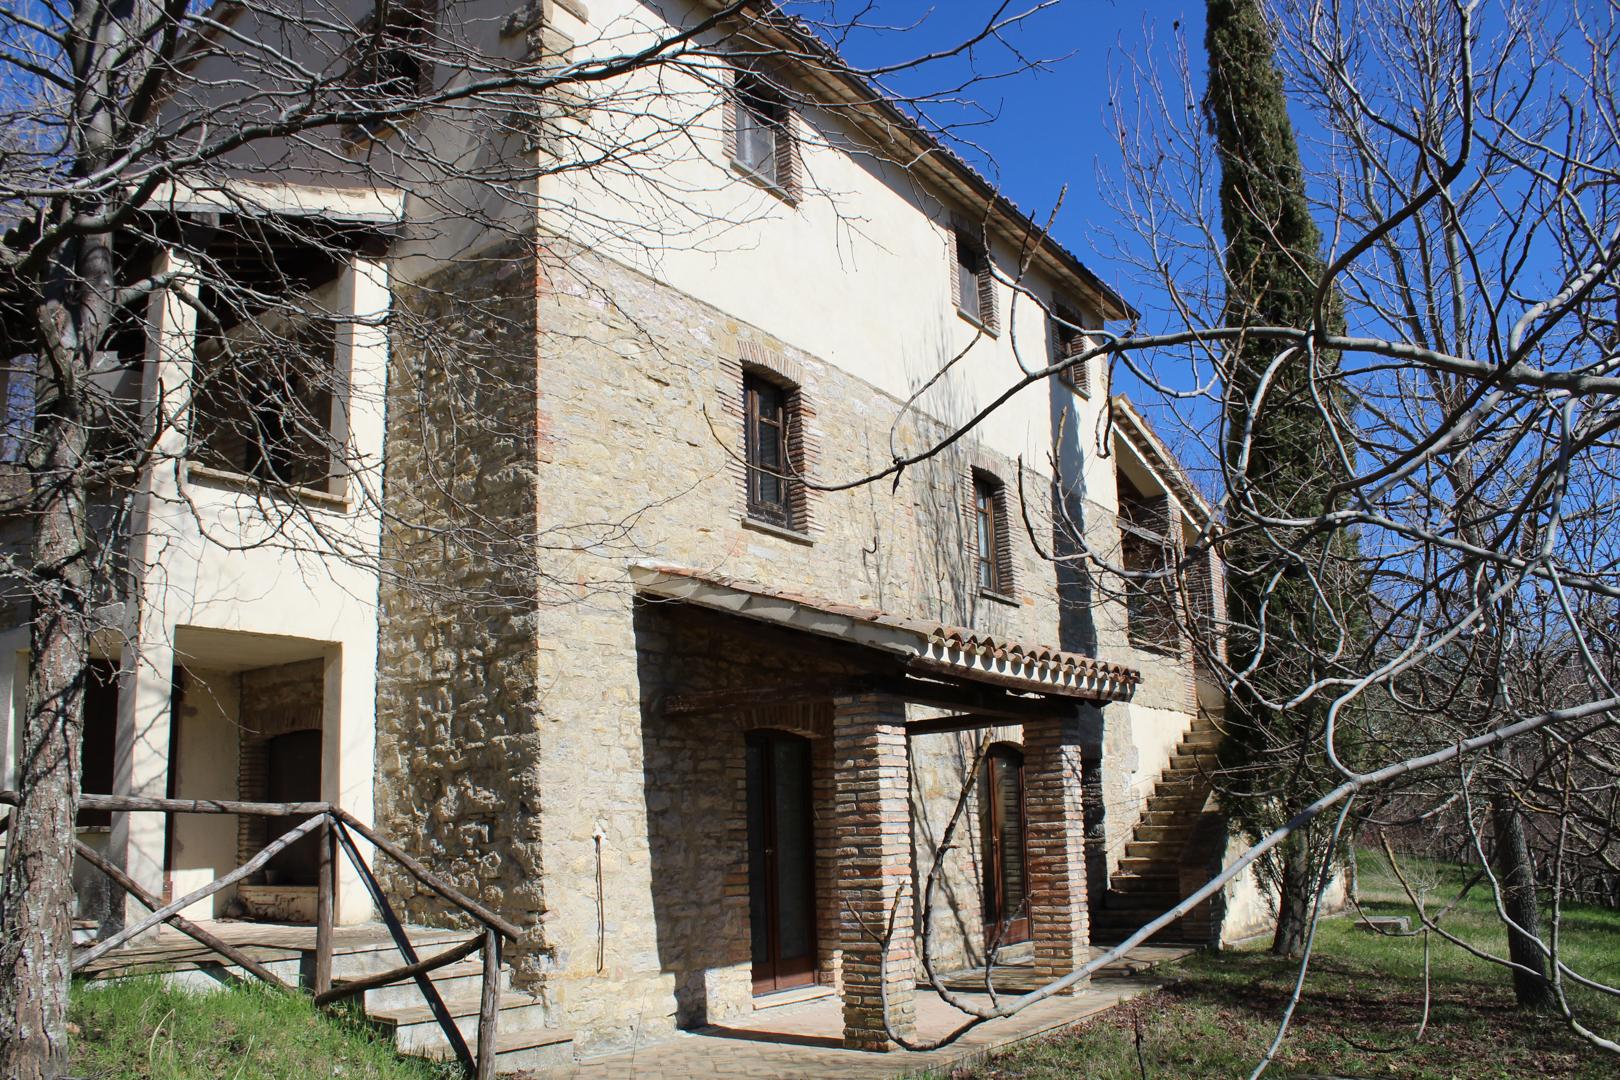 CBI060-372-30200 - Rustico / Casale / Corte in Vendita a Gualdo ...